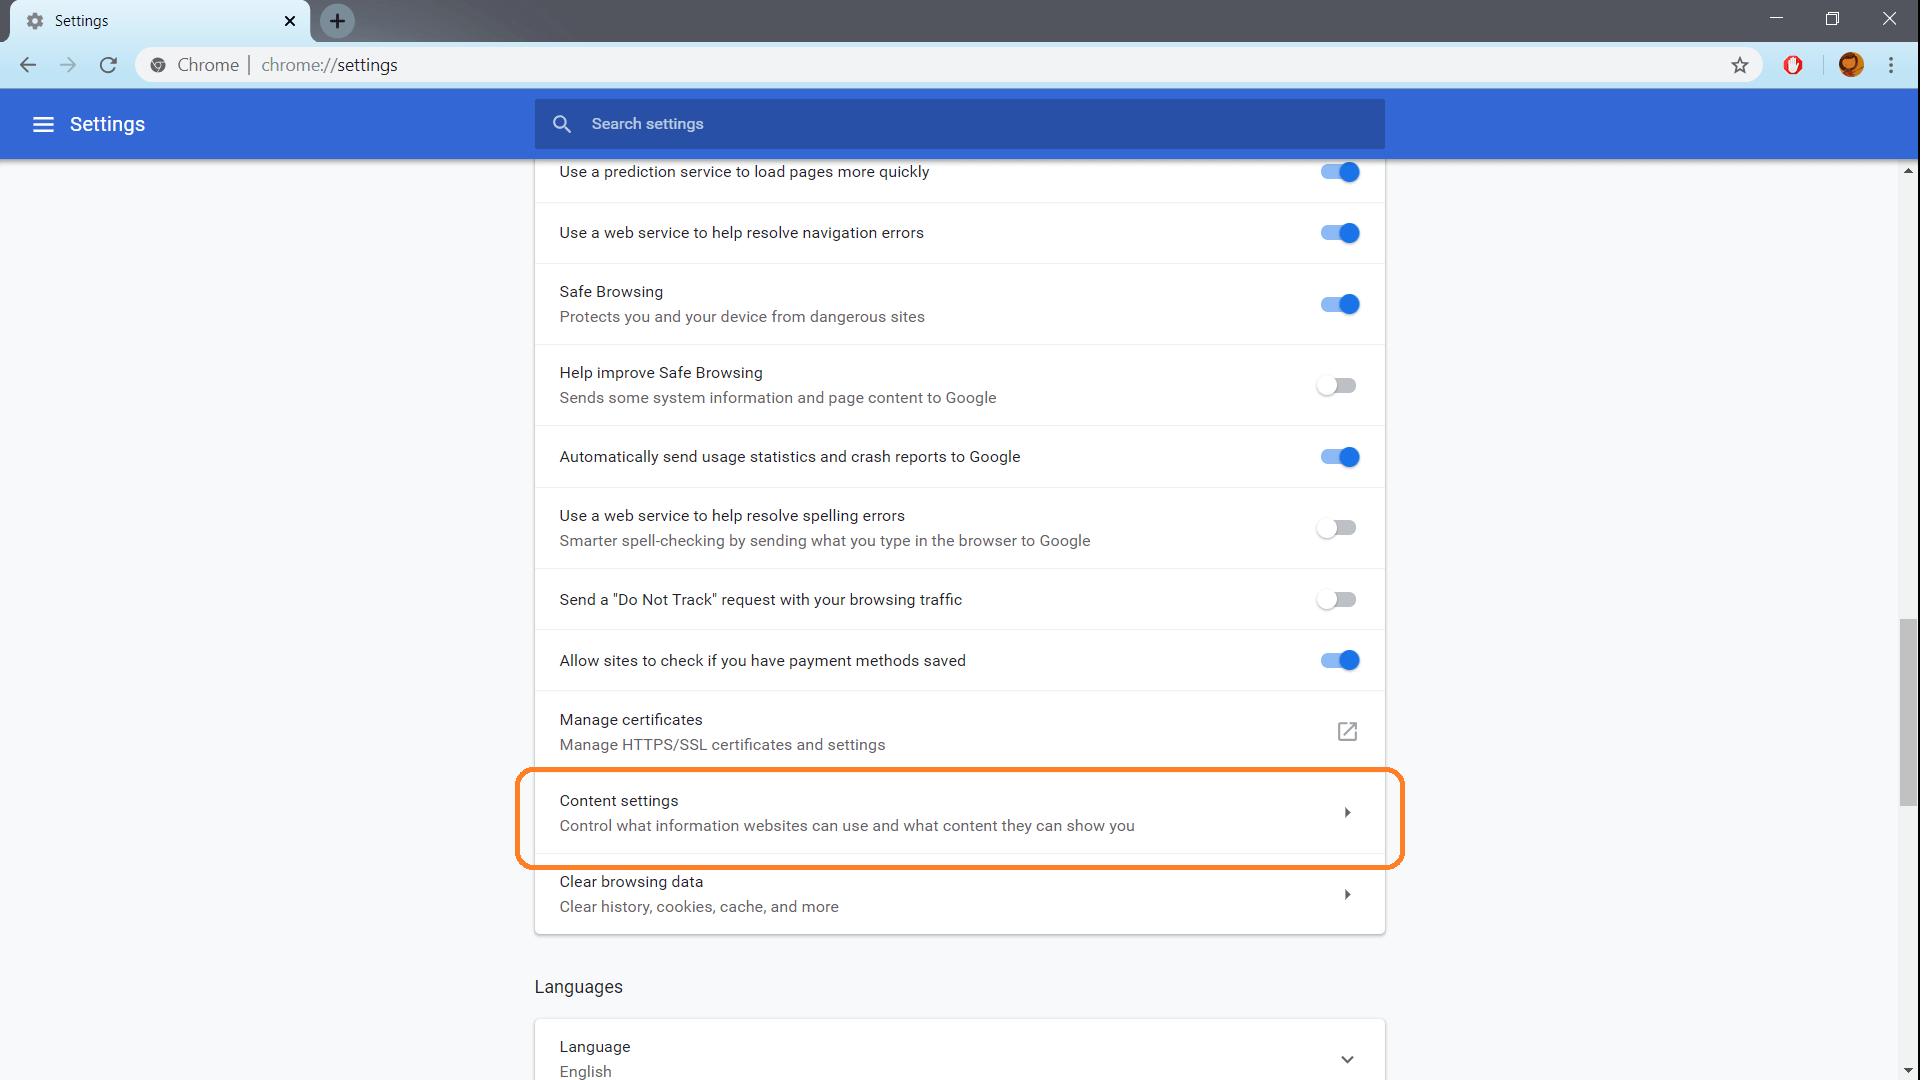 ปิด การแจ้งเตือน อัพเดตเว็บไซต์ต่างๆ เมื่อใช้ Google Chrome